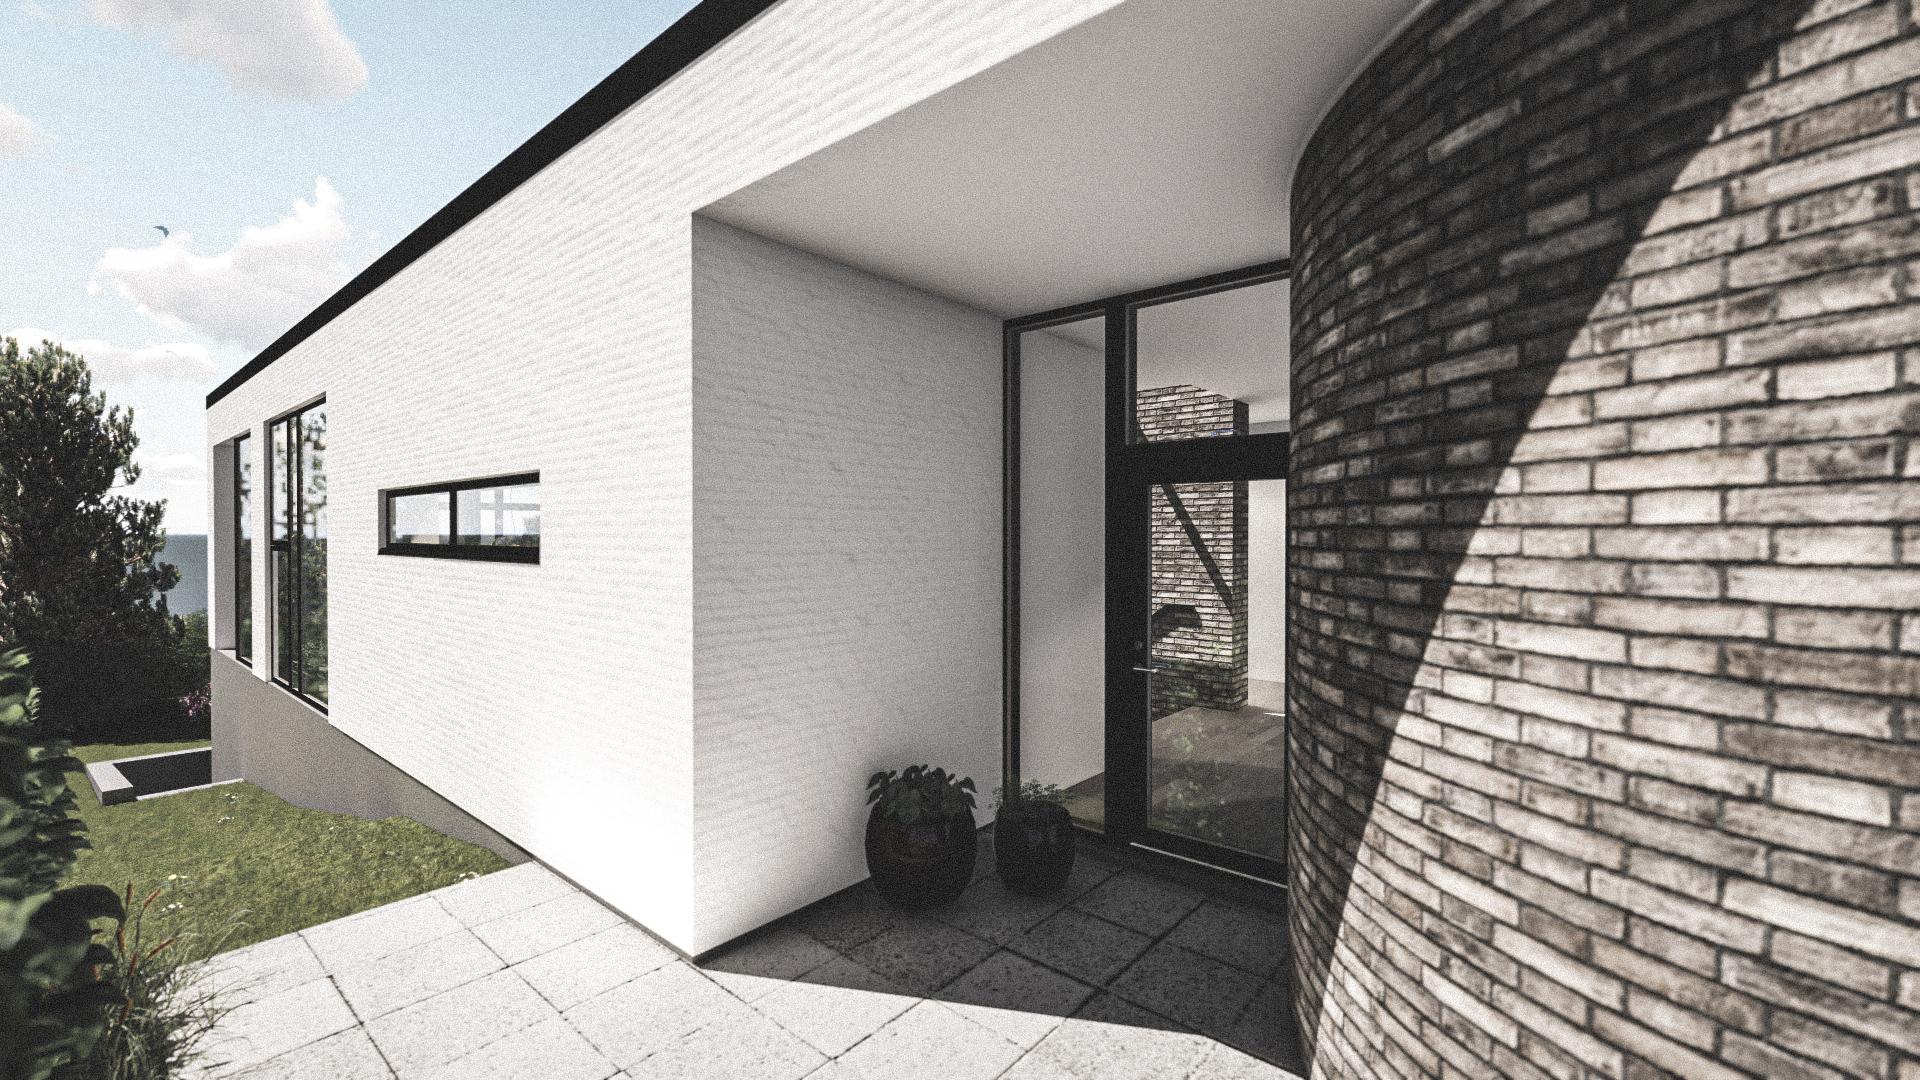 Billede af Dansk arkitekttegnet 1 plan villa af arkitektfirmaet m2plus, i Espergærde på 277 kvartratmeter.